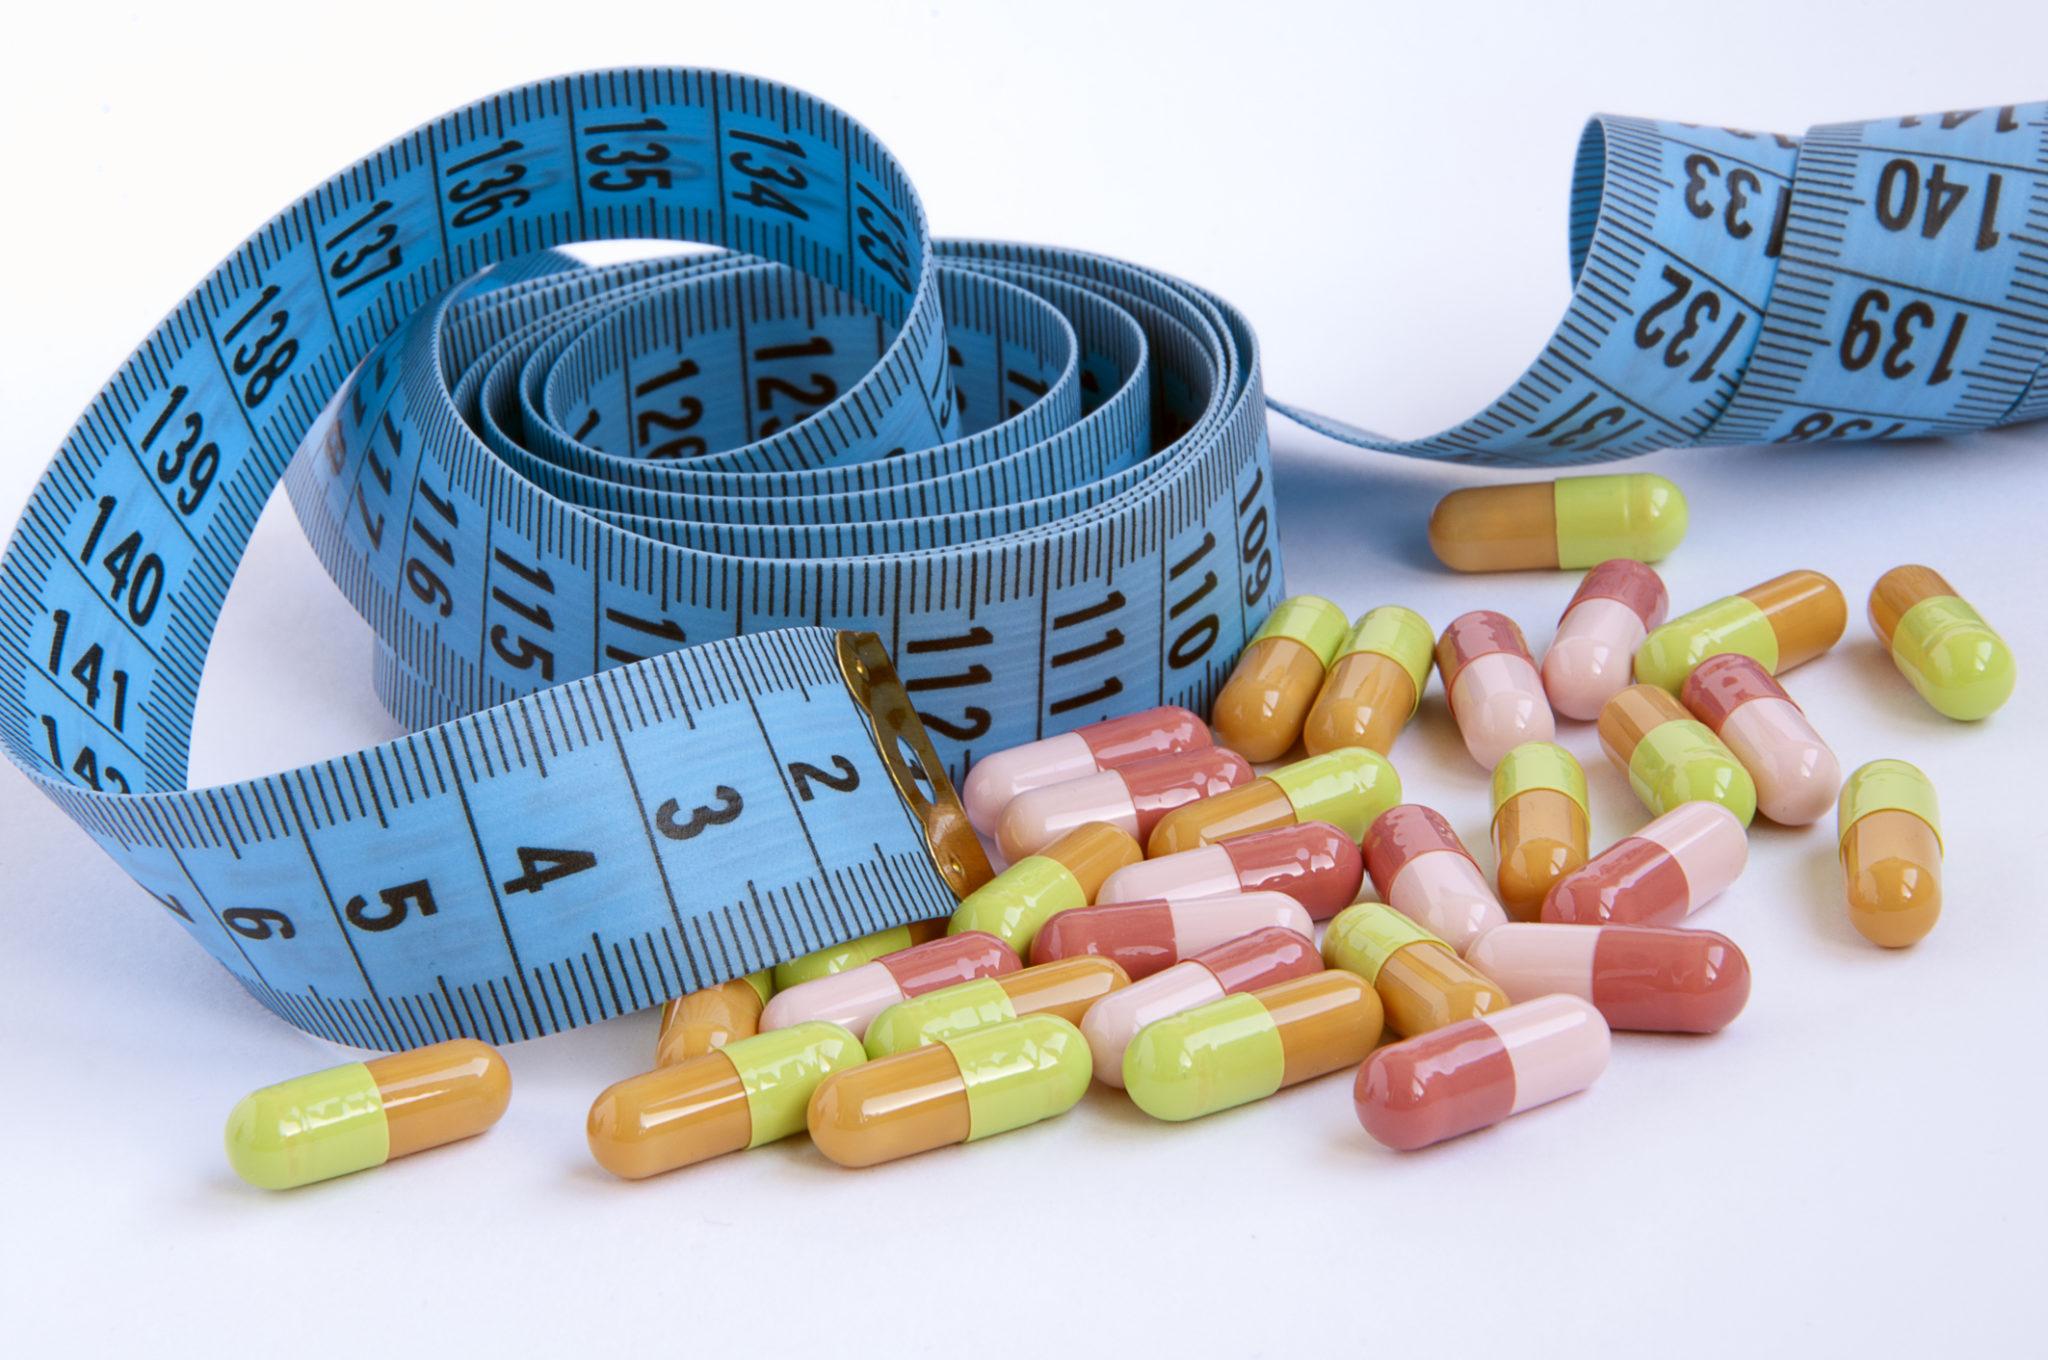 мочегонное фуросемид для похудения цена